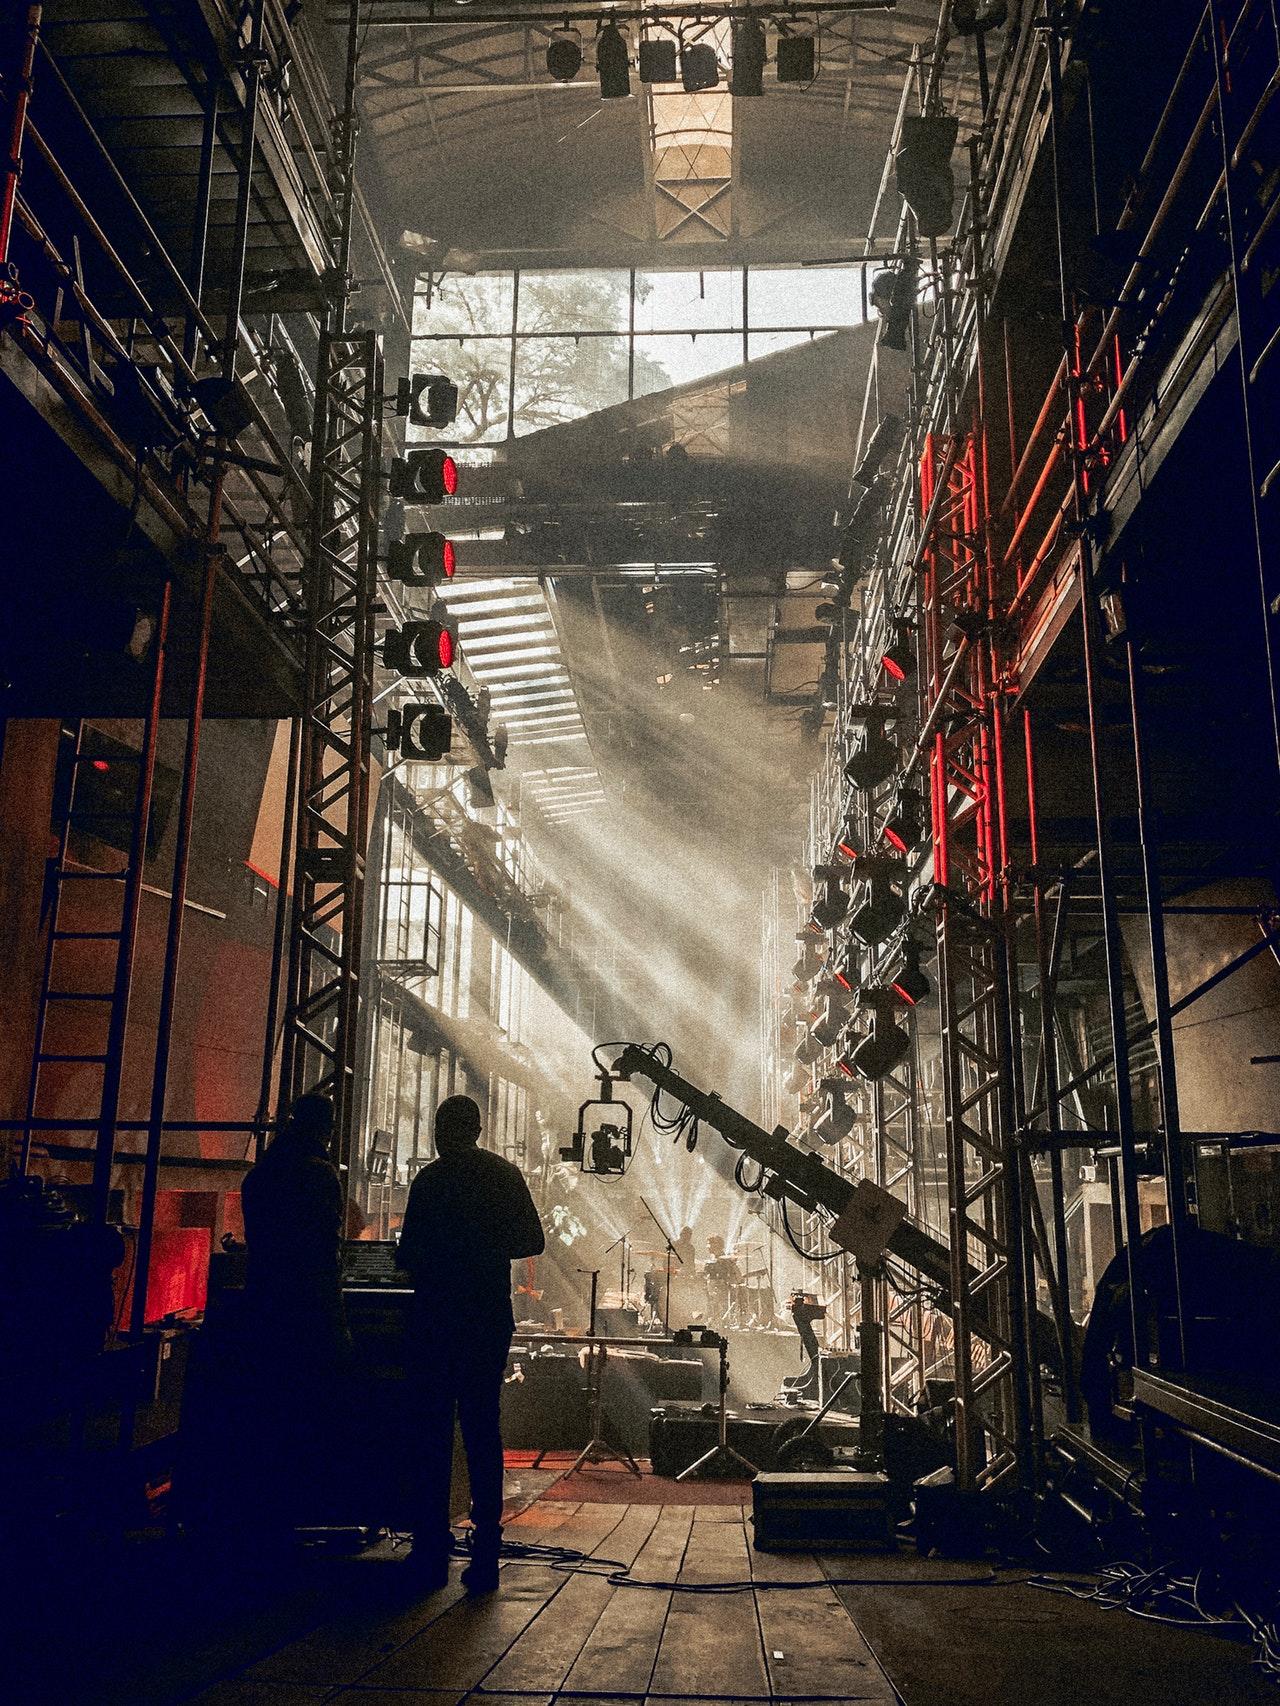 Le tournage : image et plans